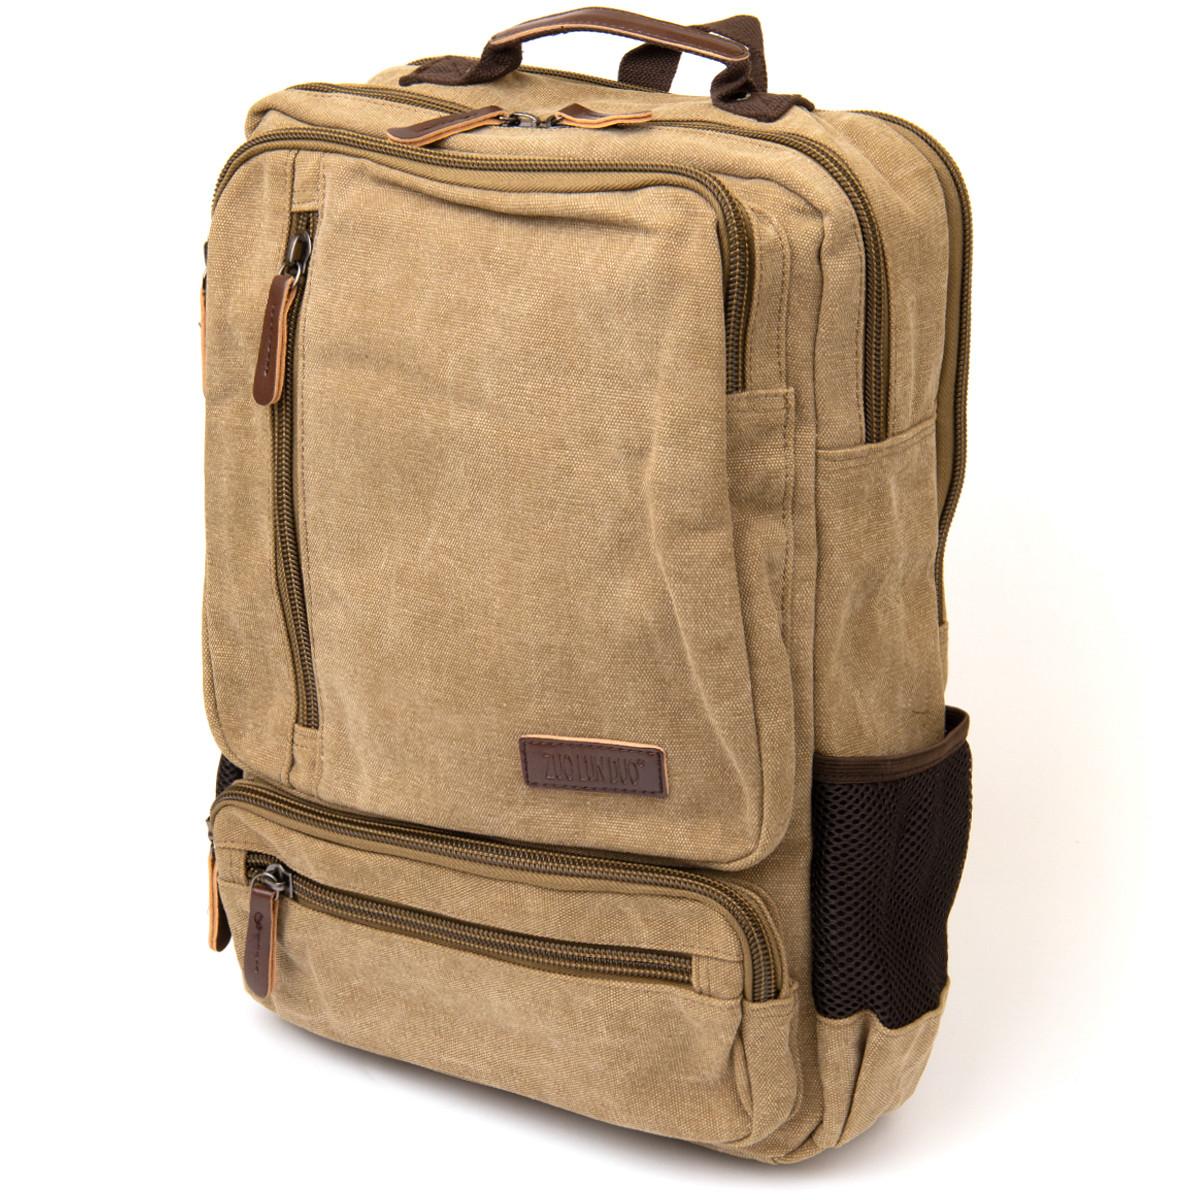 Рюкзак текстильный дорожный унисекс на два отделения Vintage 20616 Бежевый